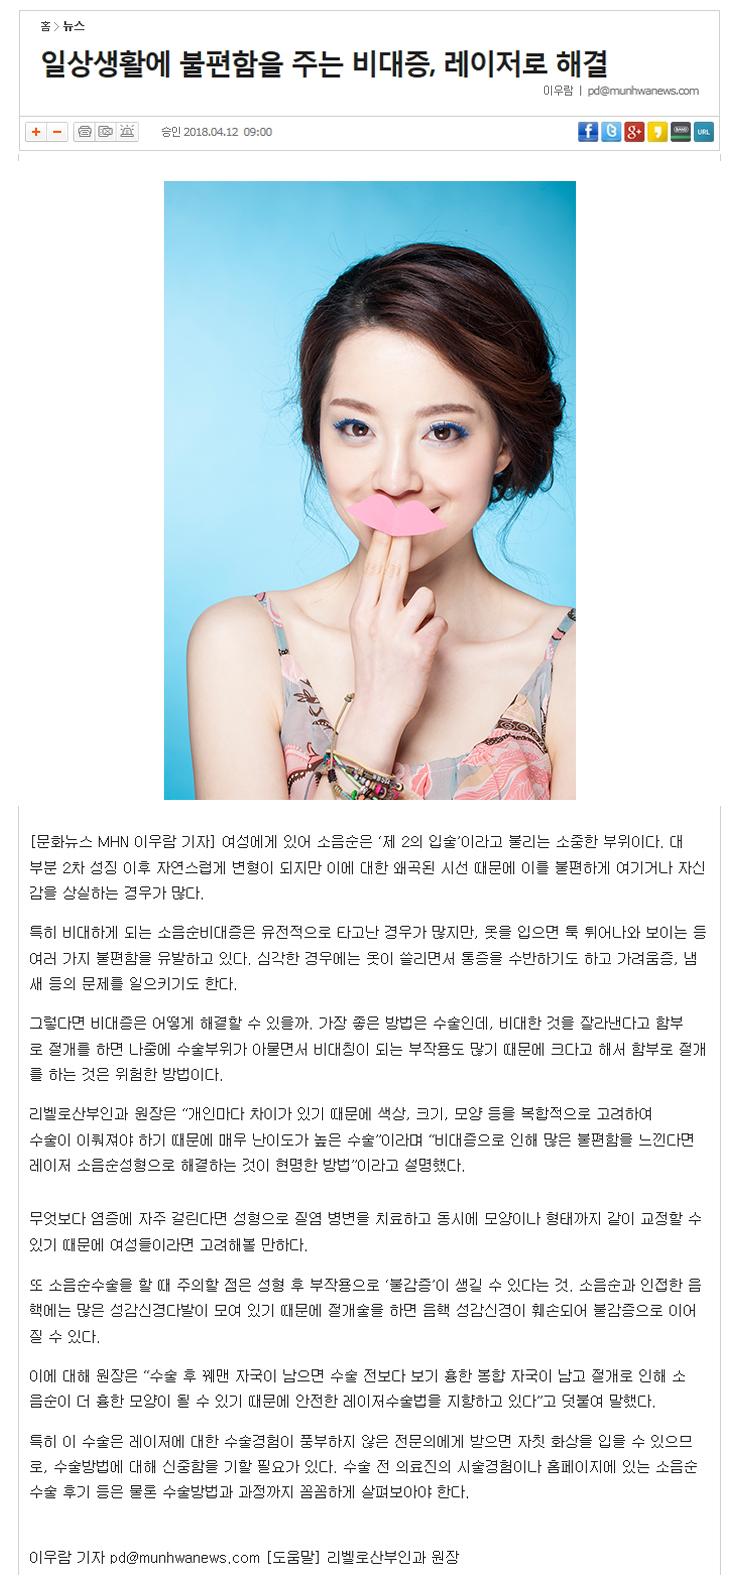 문화뉴스-20180413.jpg